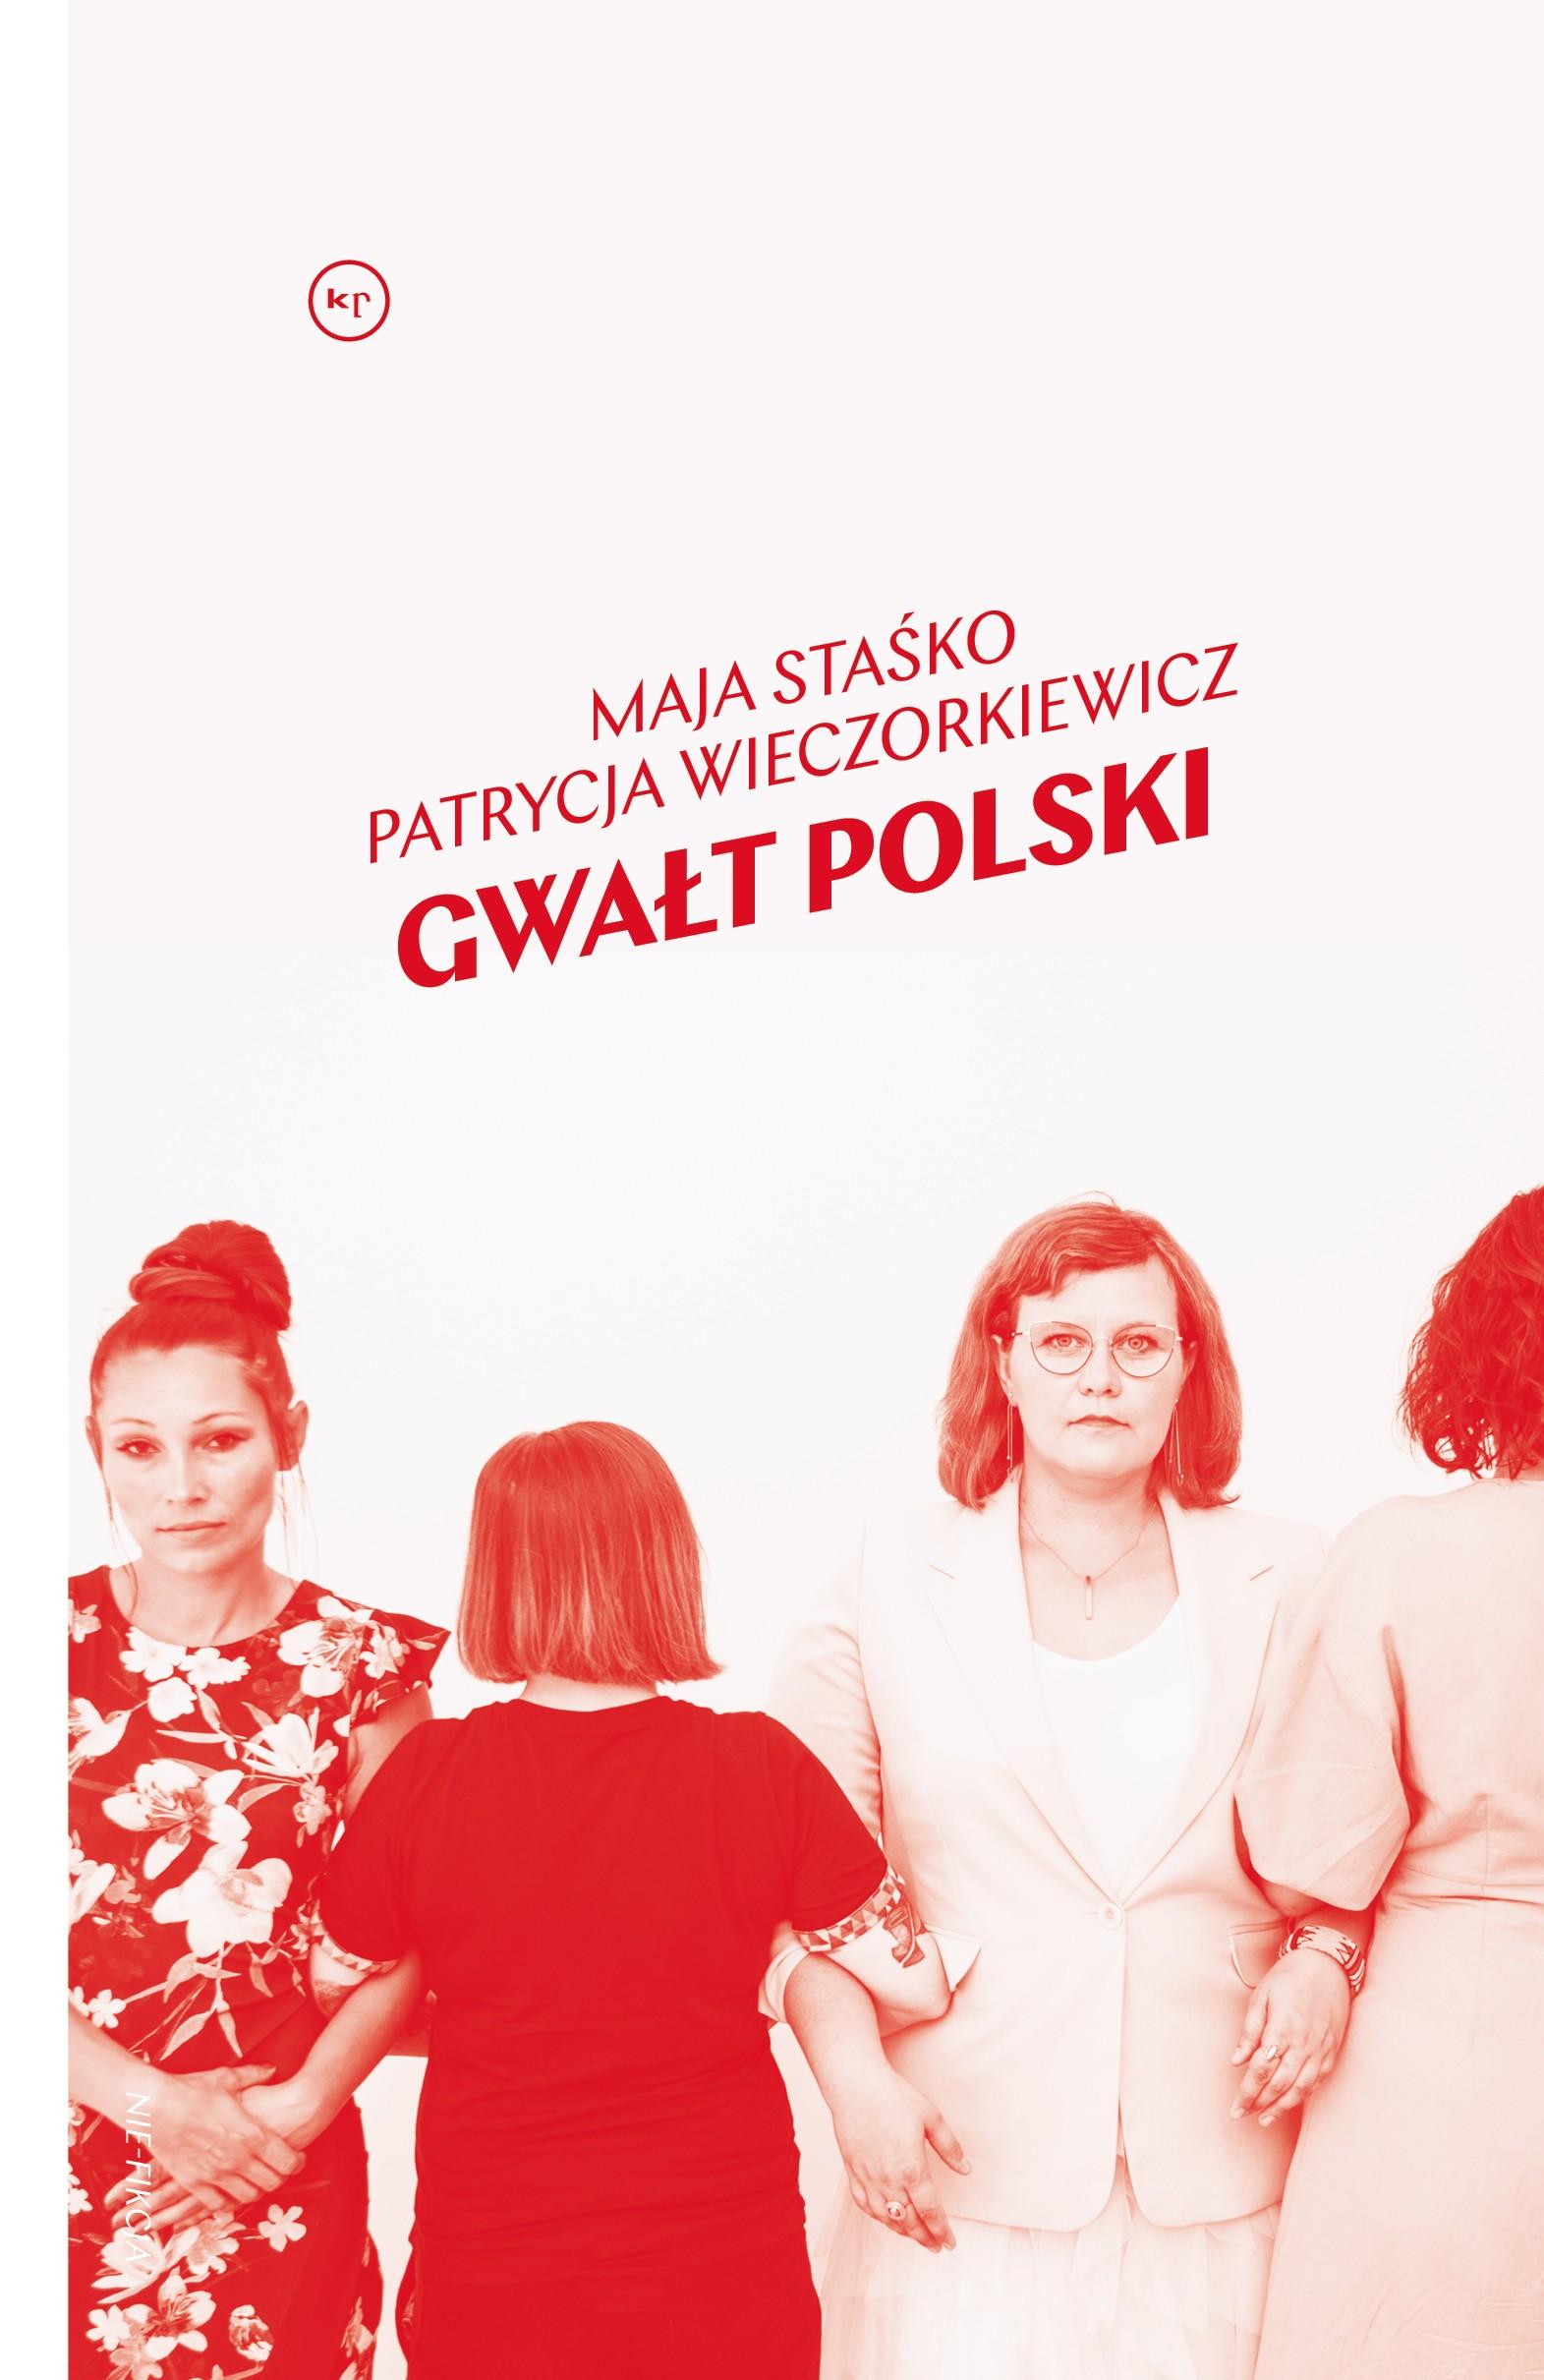 Maja Staśko, Patrycja Wieczorkiewicz: Gwałt polski